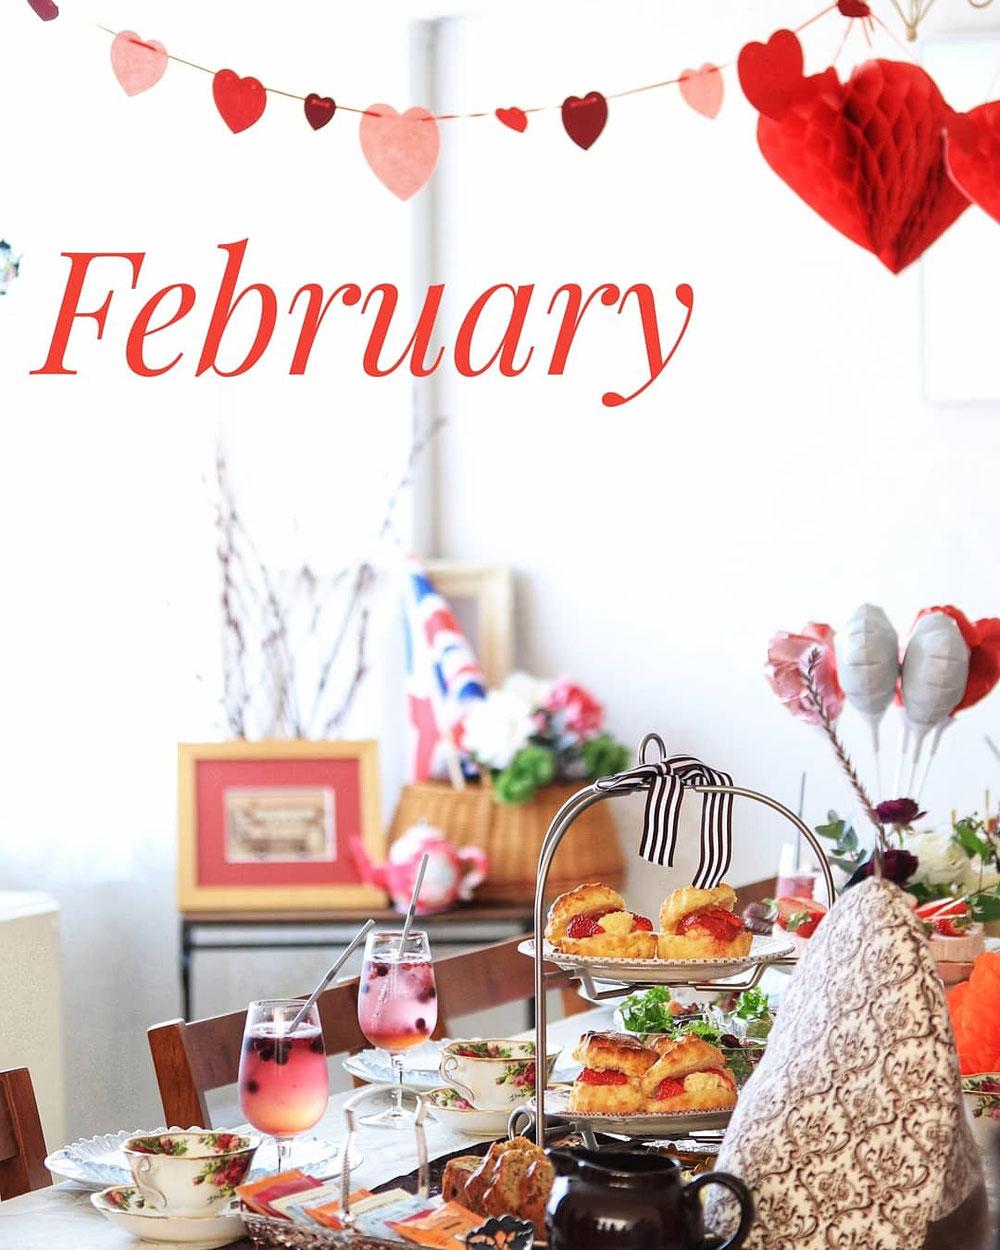 バレンタインティーパーティー